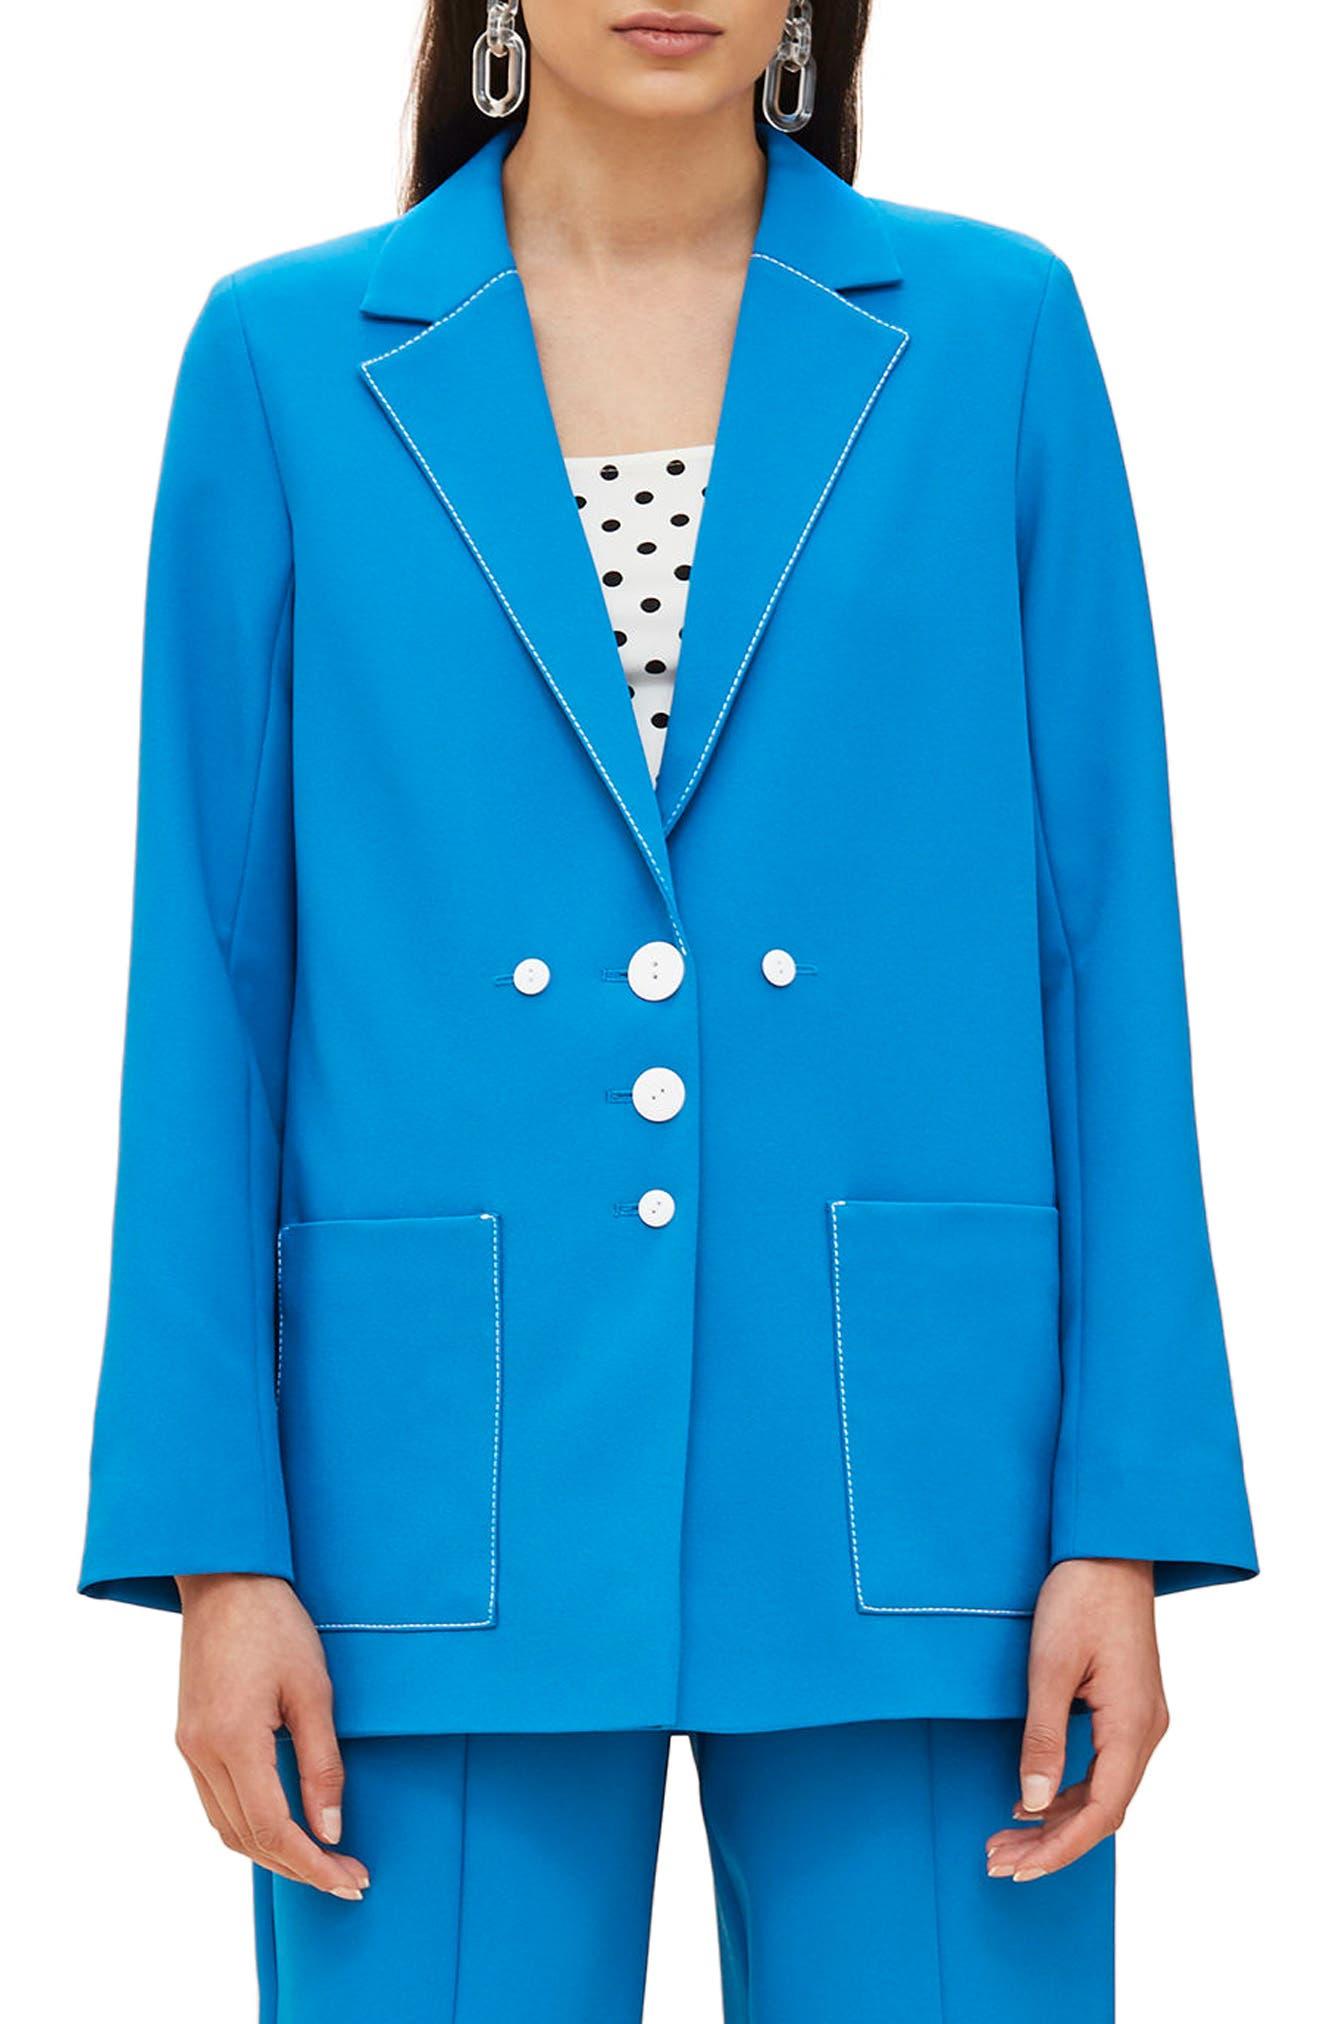 Azure Contrast Stitch Suit Jacket,                             Main thumbnail 1, color,                             Bright Blue